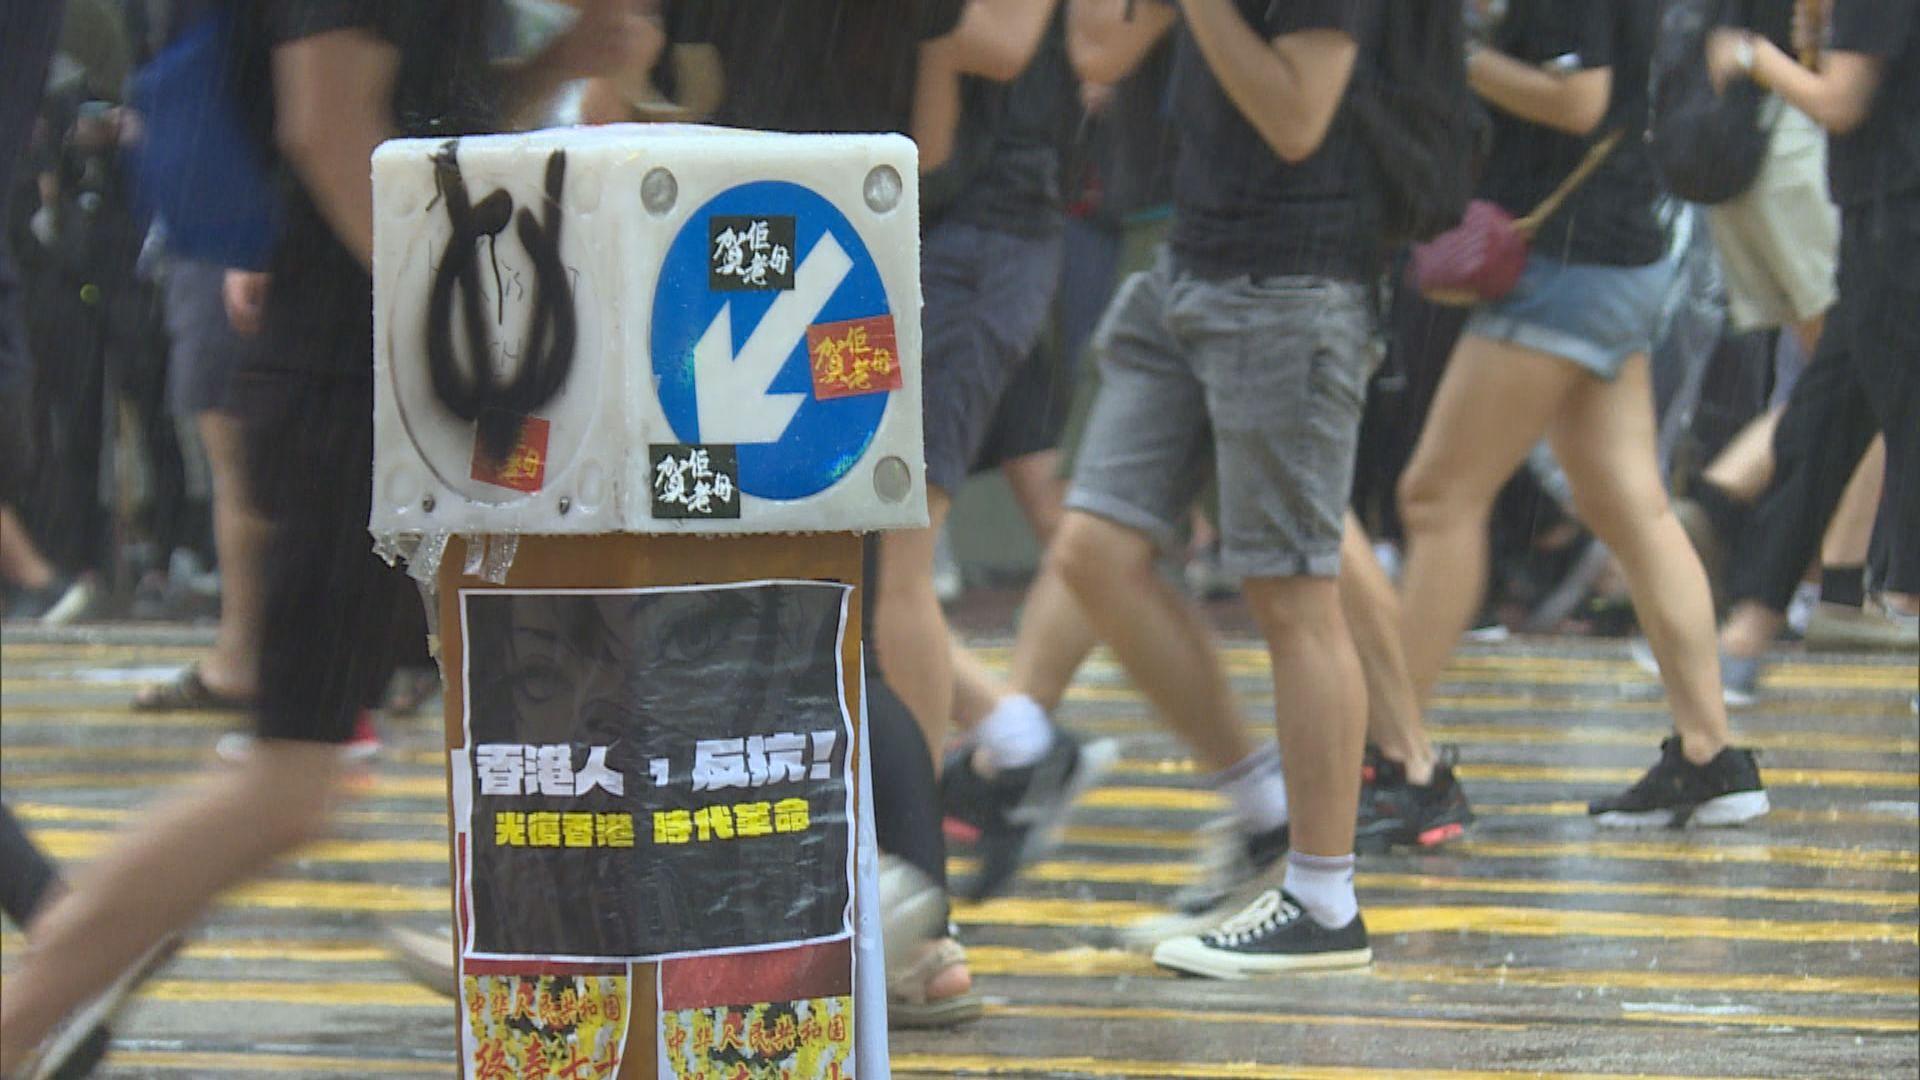 【經緯線】禁蒙面法下的香港(二)